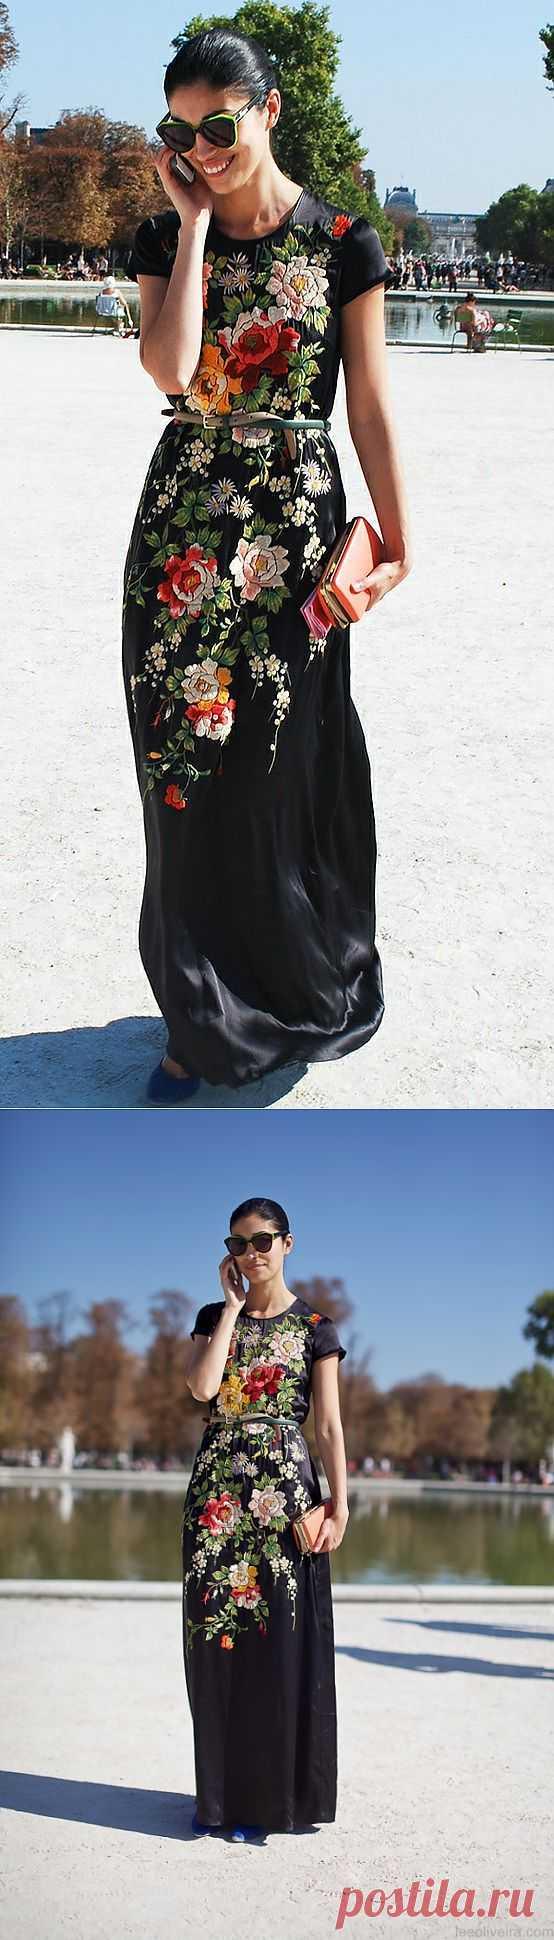 Платье с вышивкой / Вещь / Модный сайт о стильной переделке одежды и интерьера